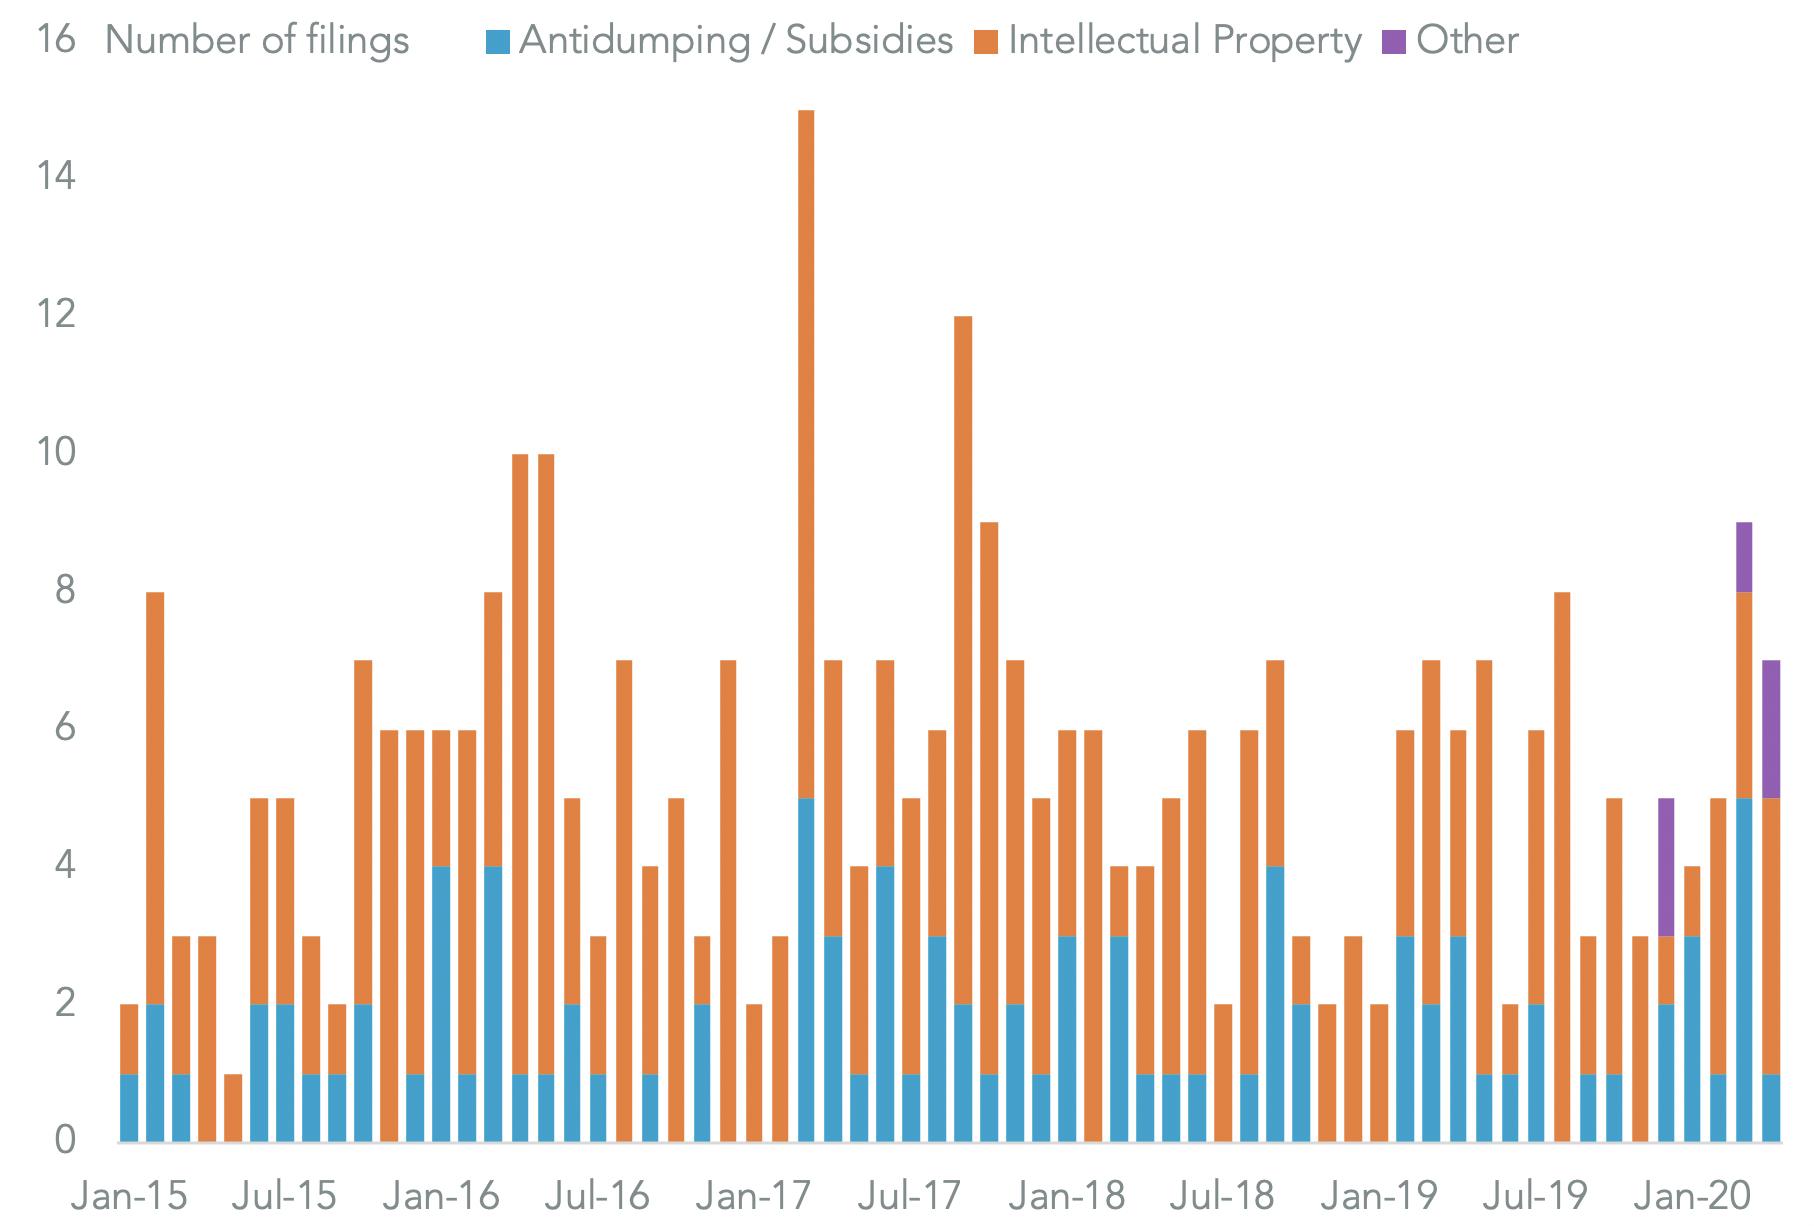 20200512-filings-filings